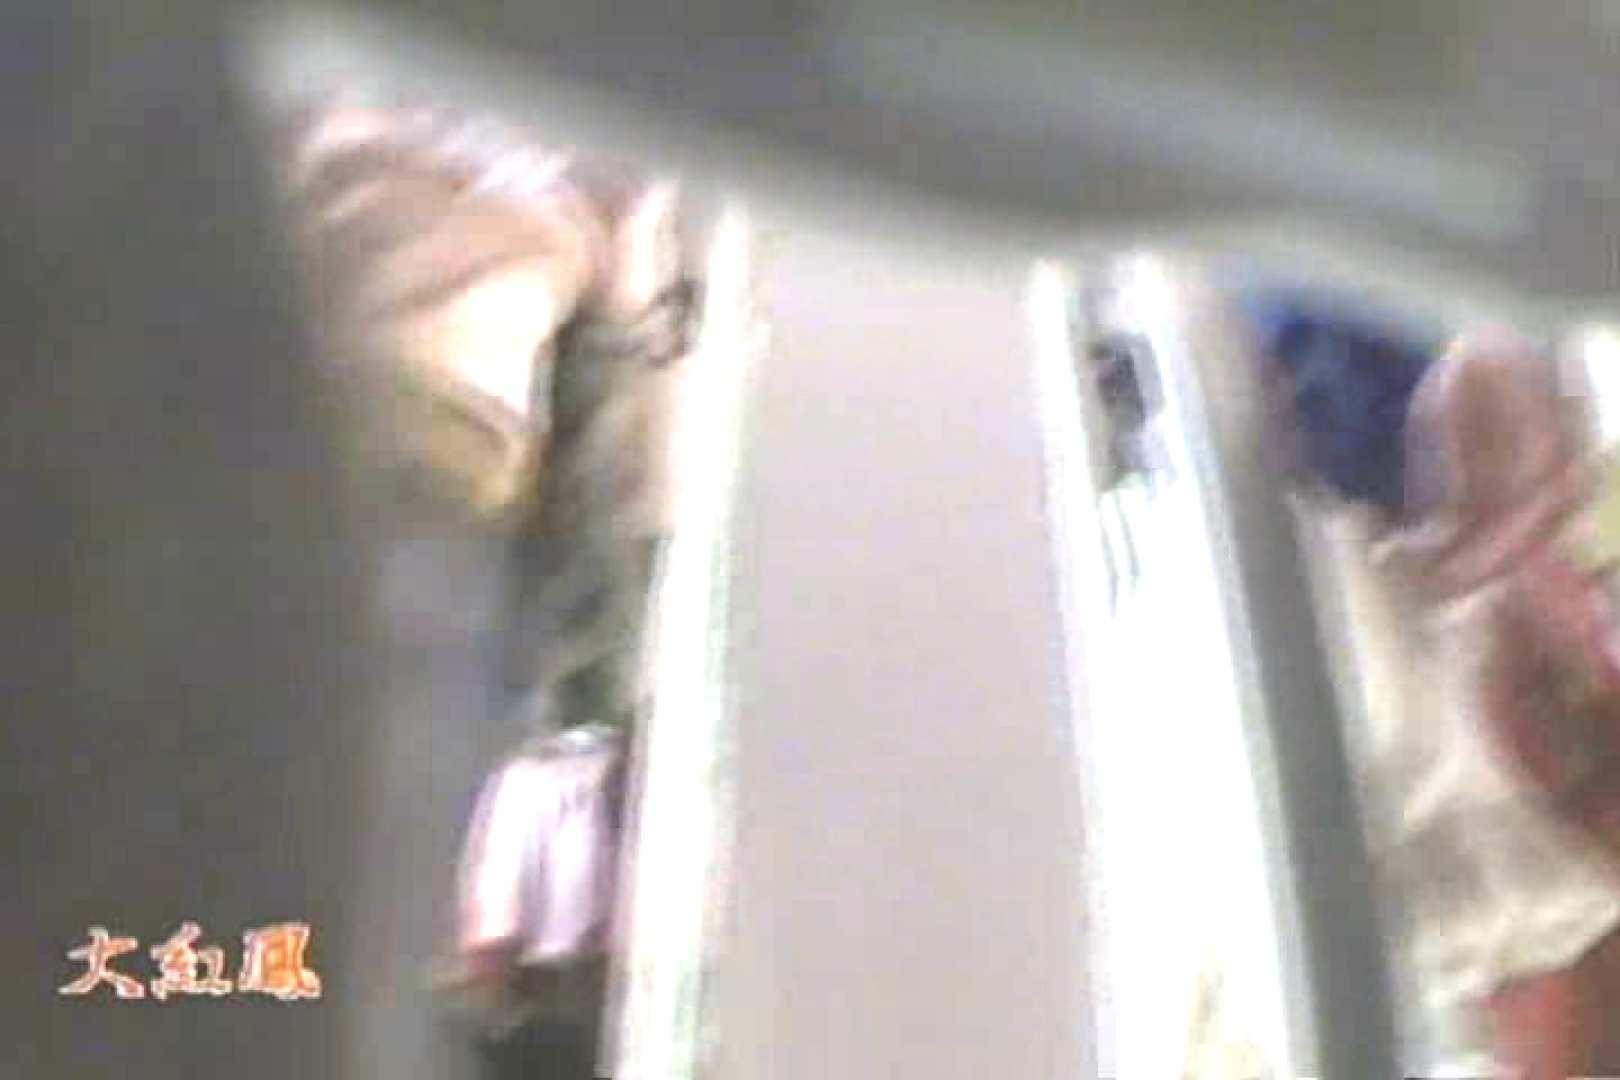 究極カリスマショップ逆さ撮り 完全保存版02 盗撮 | 覗き  108pic 18